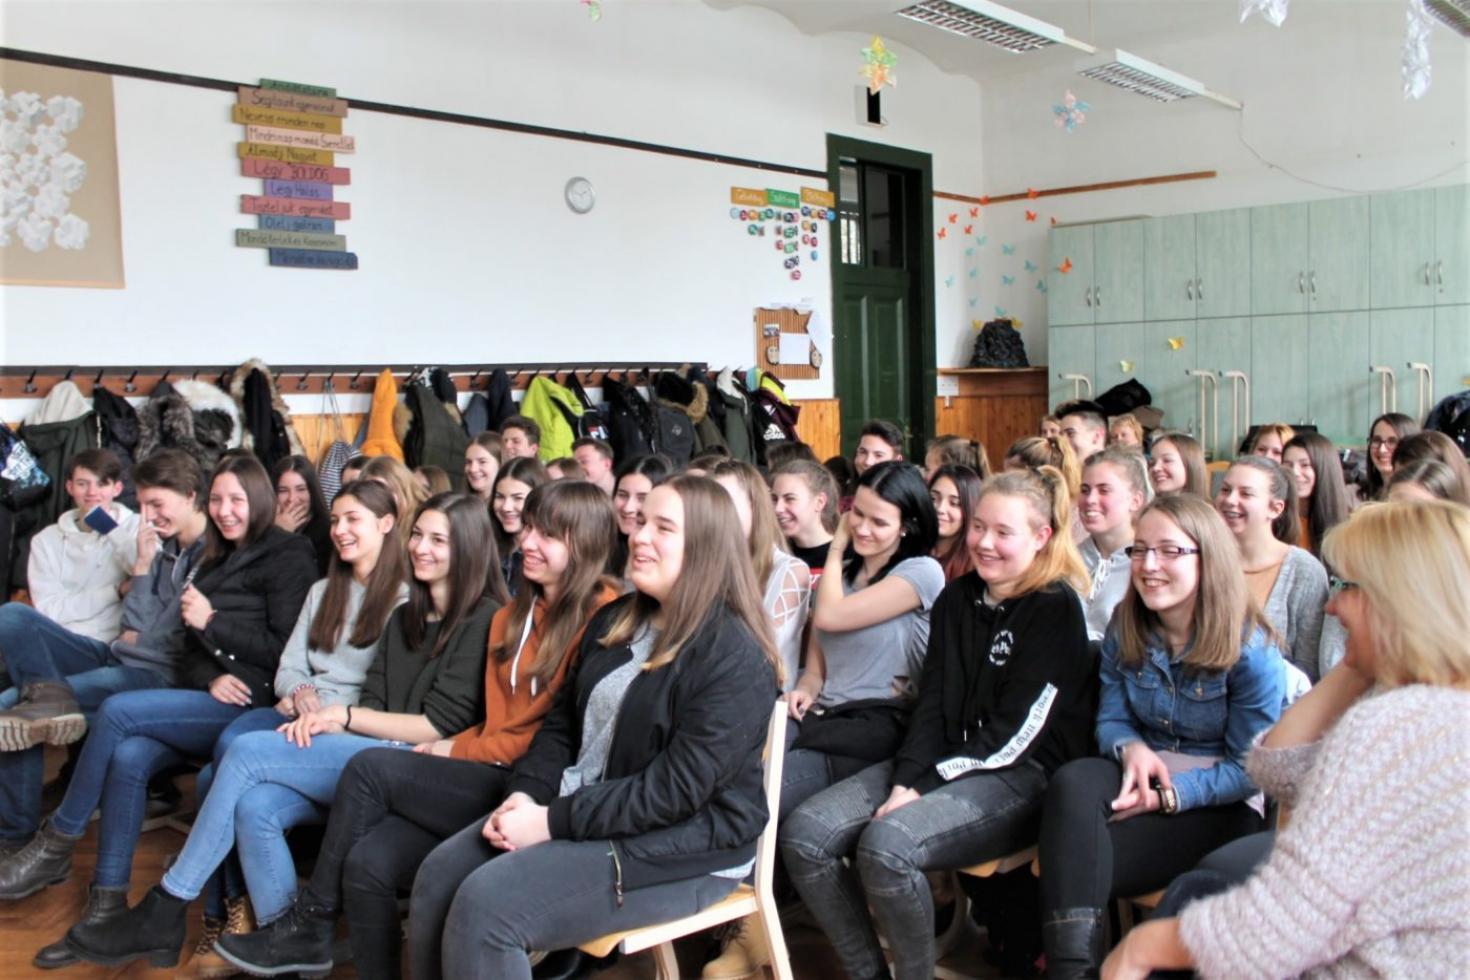 középiskolás diák társkereső főiskolai hallgató